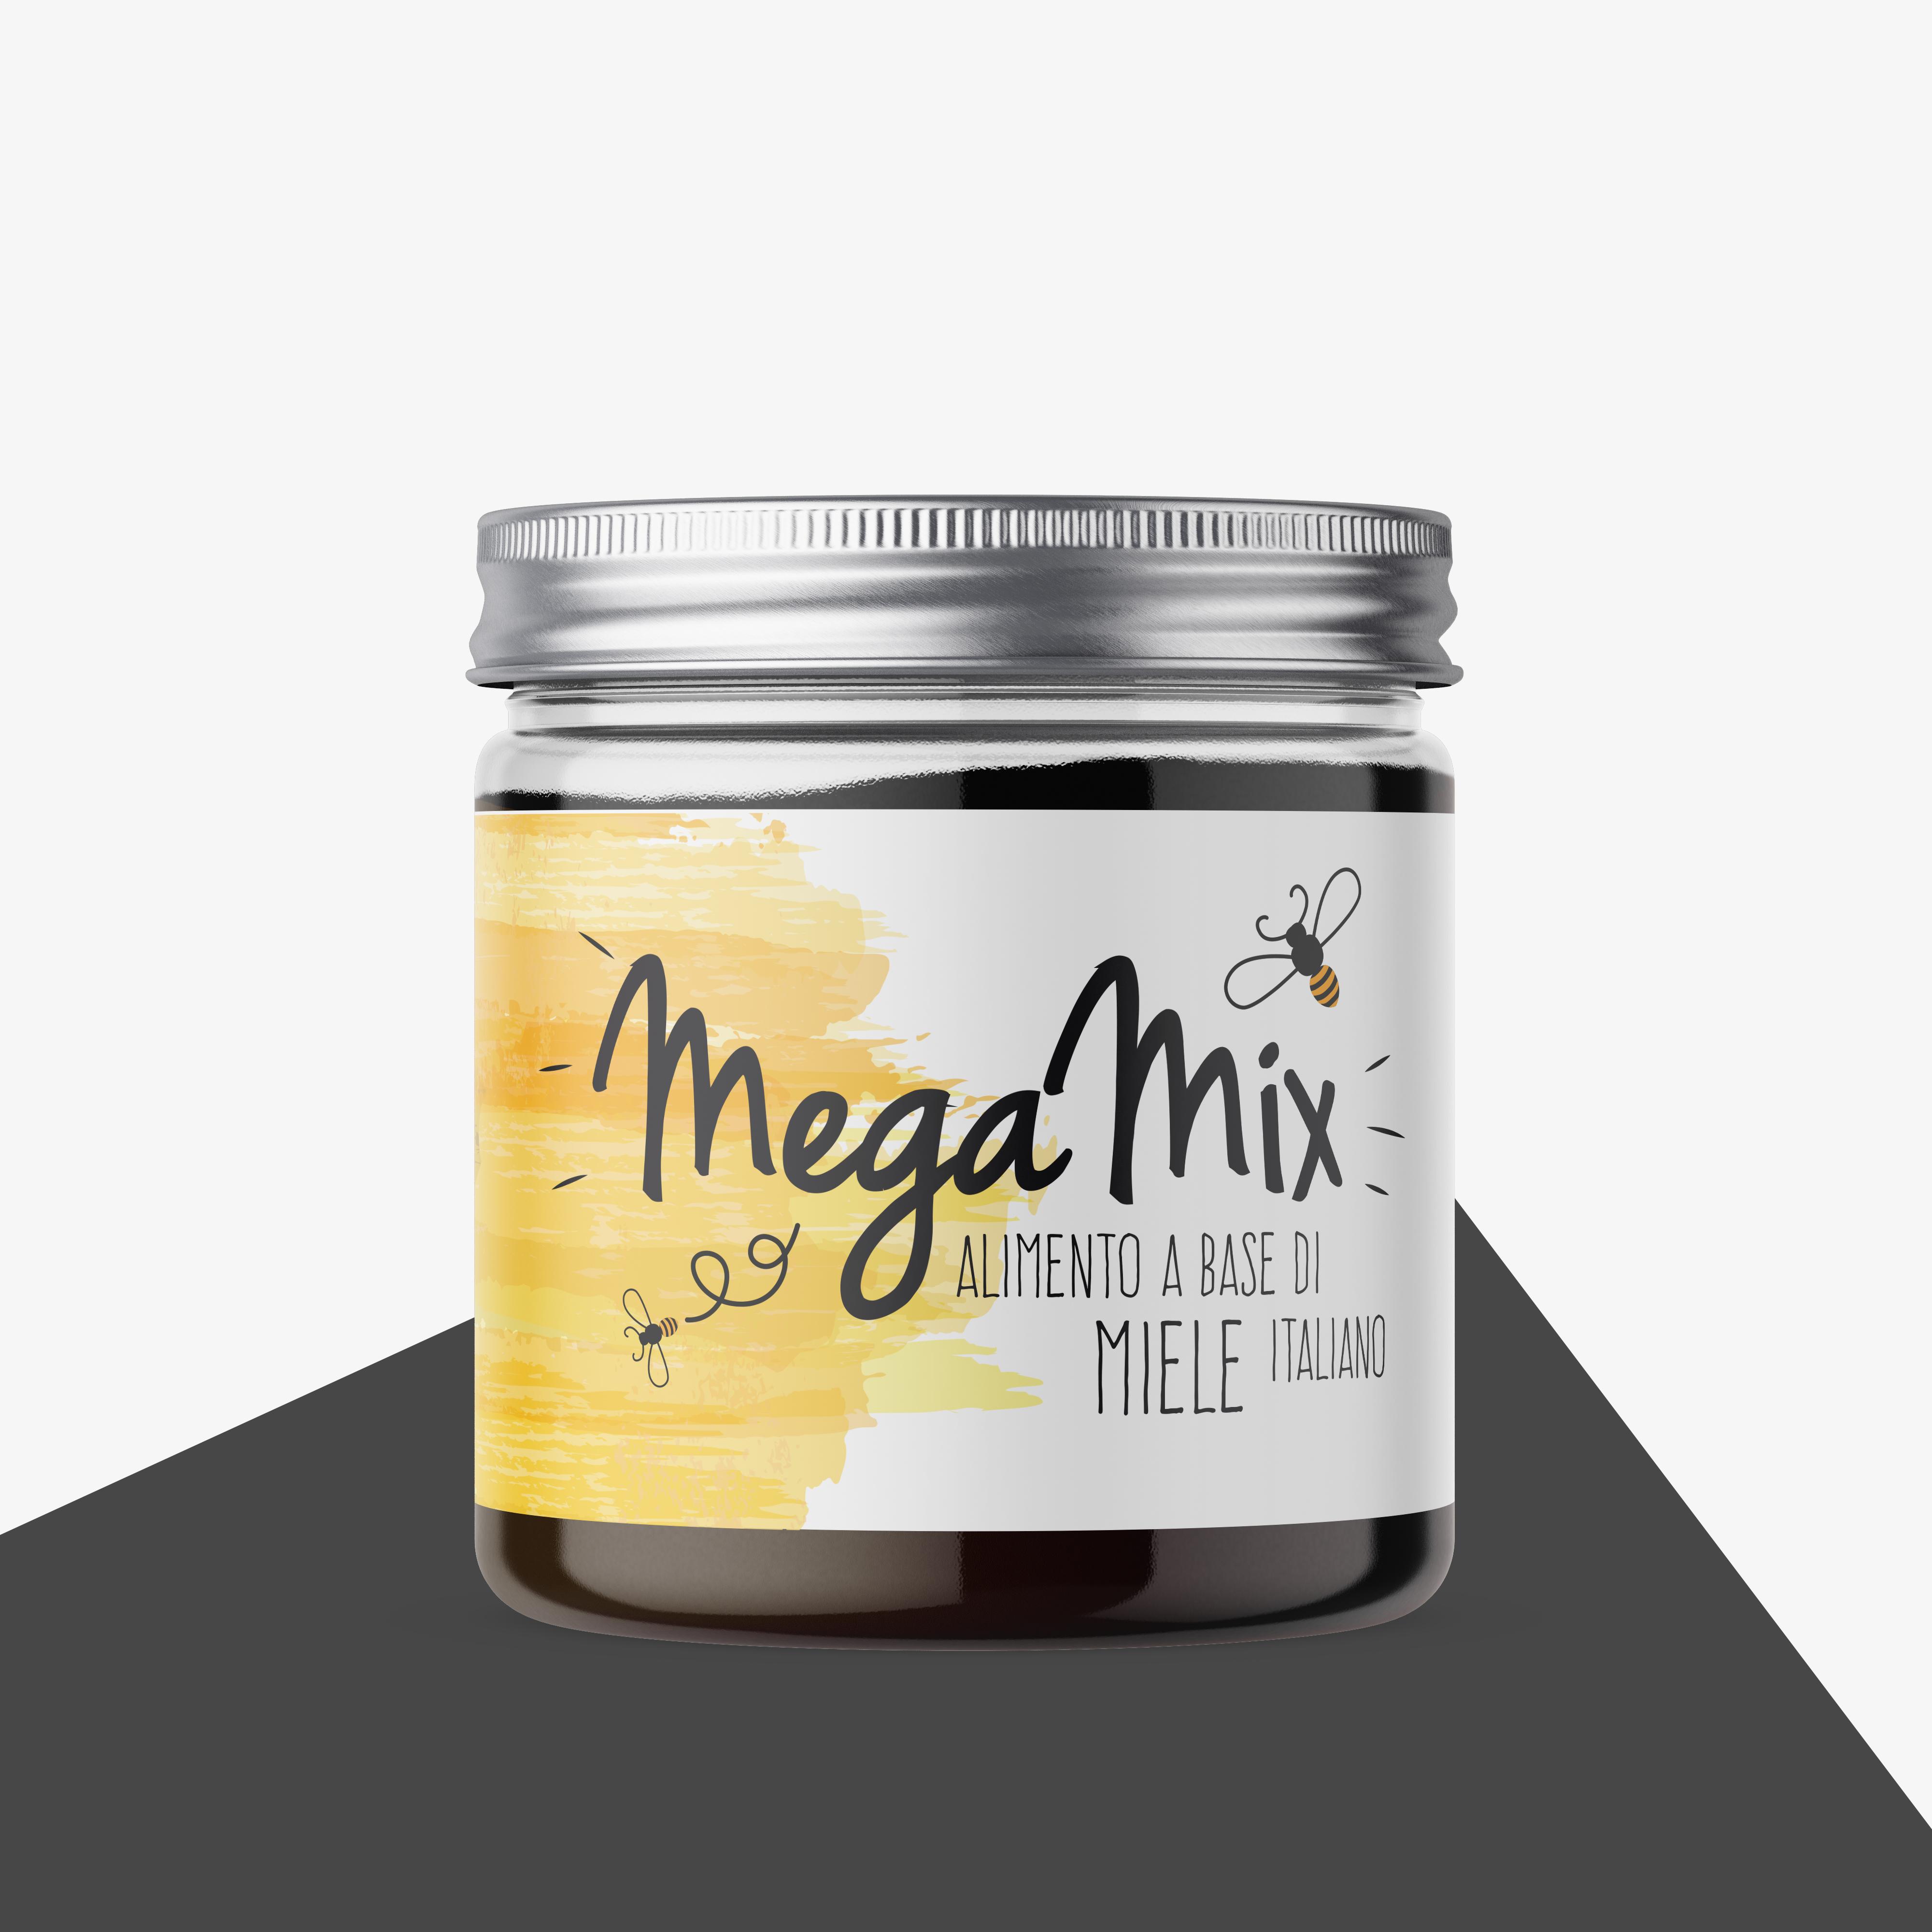 Megamix - Alimento a base di miele Italiano